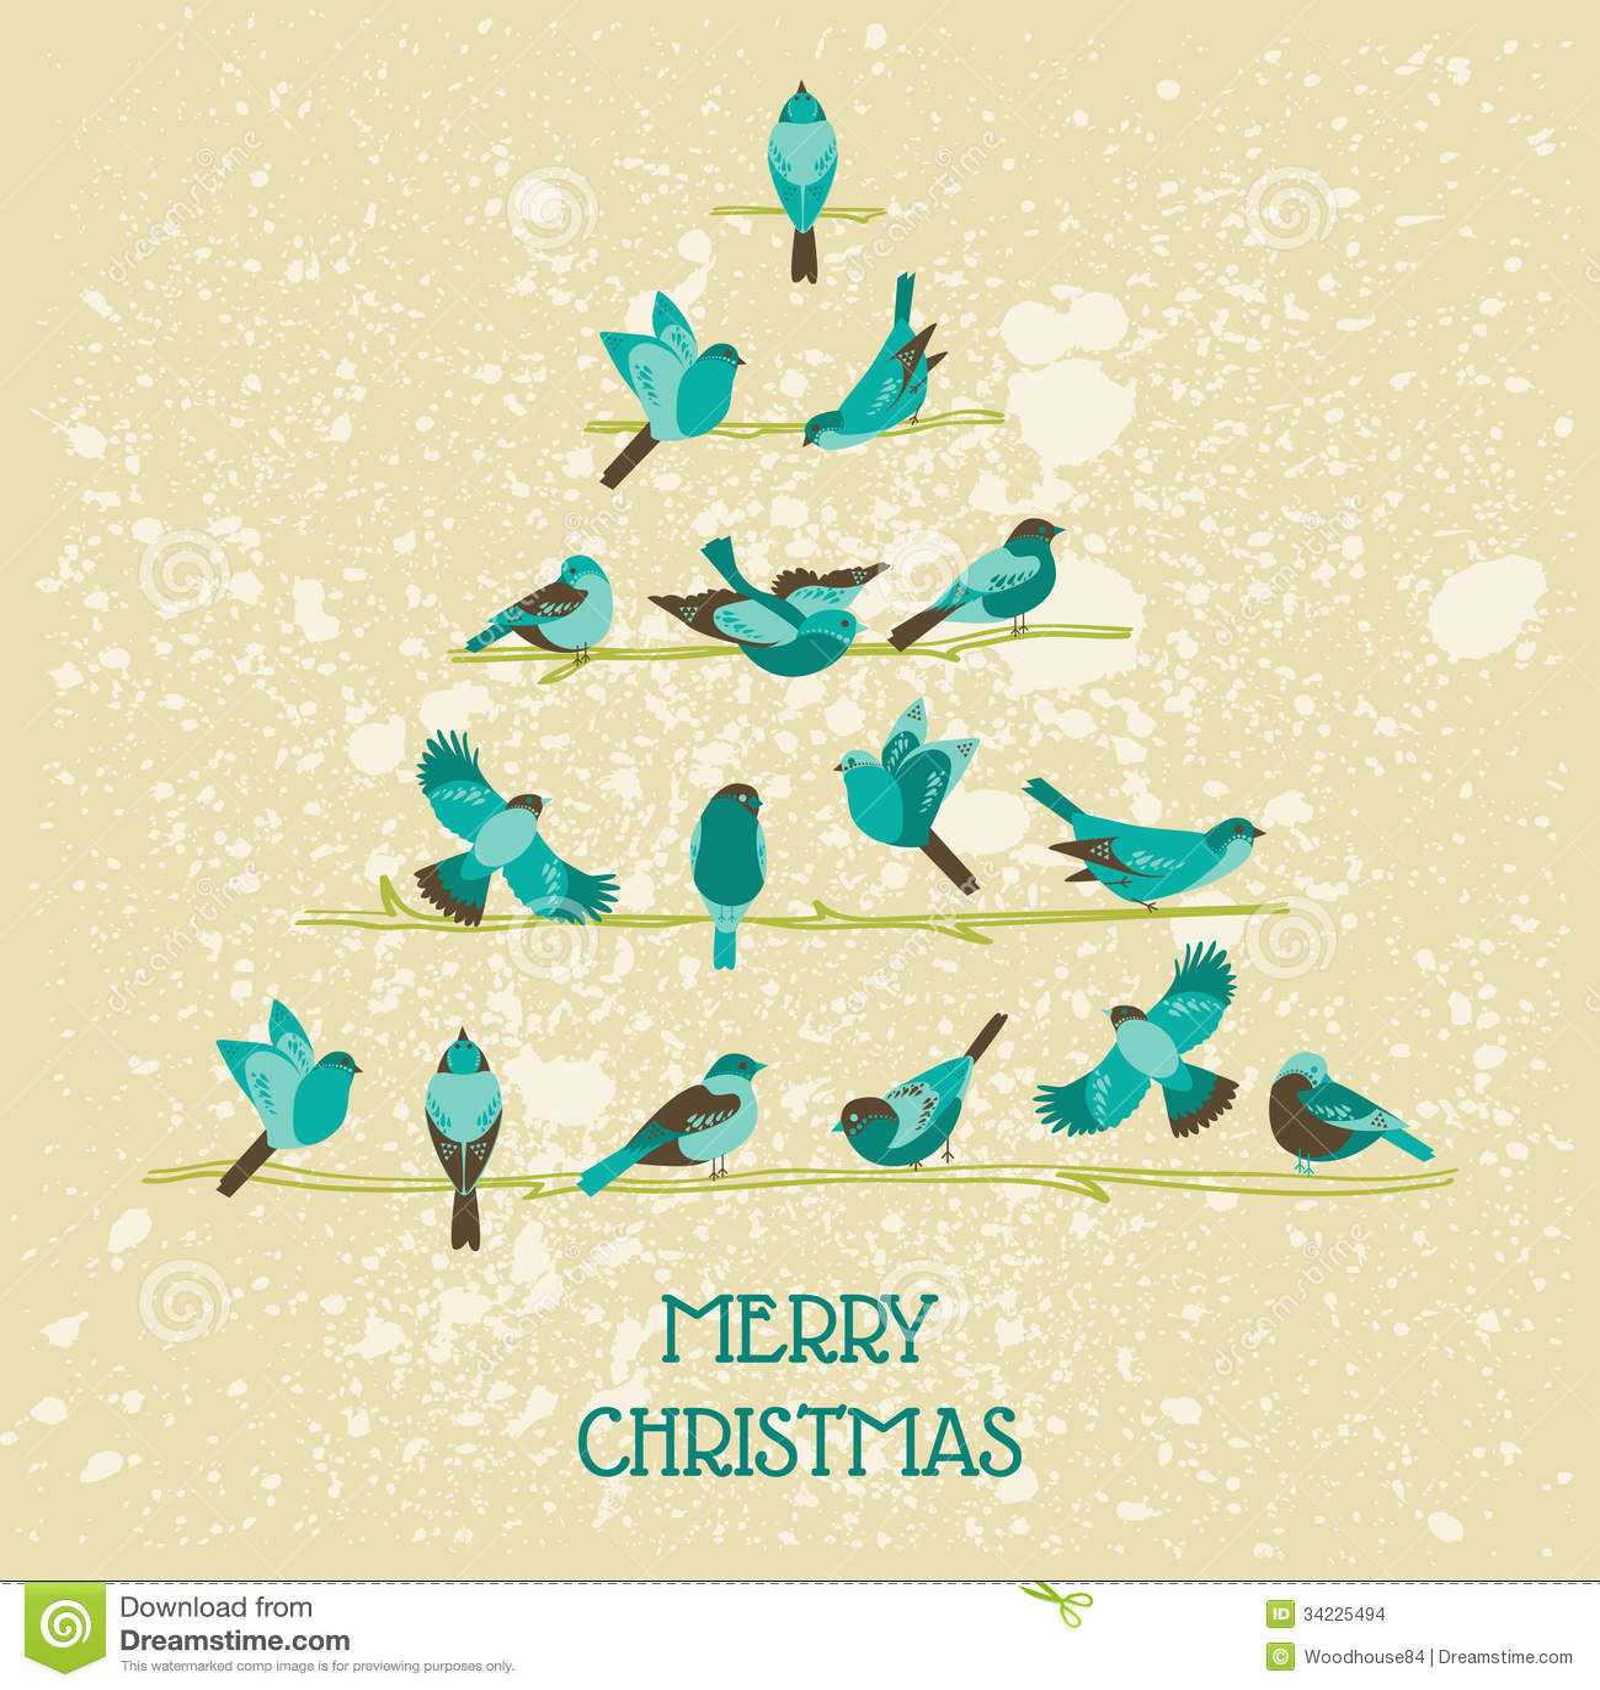 Retro Christmas Card Birds On Christmas Tree Stock Photo